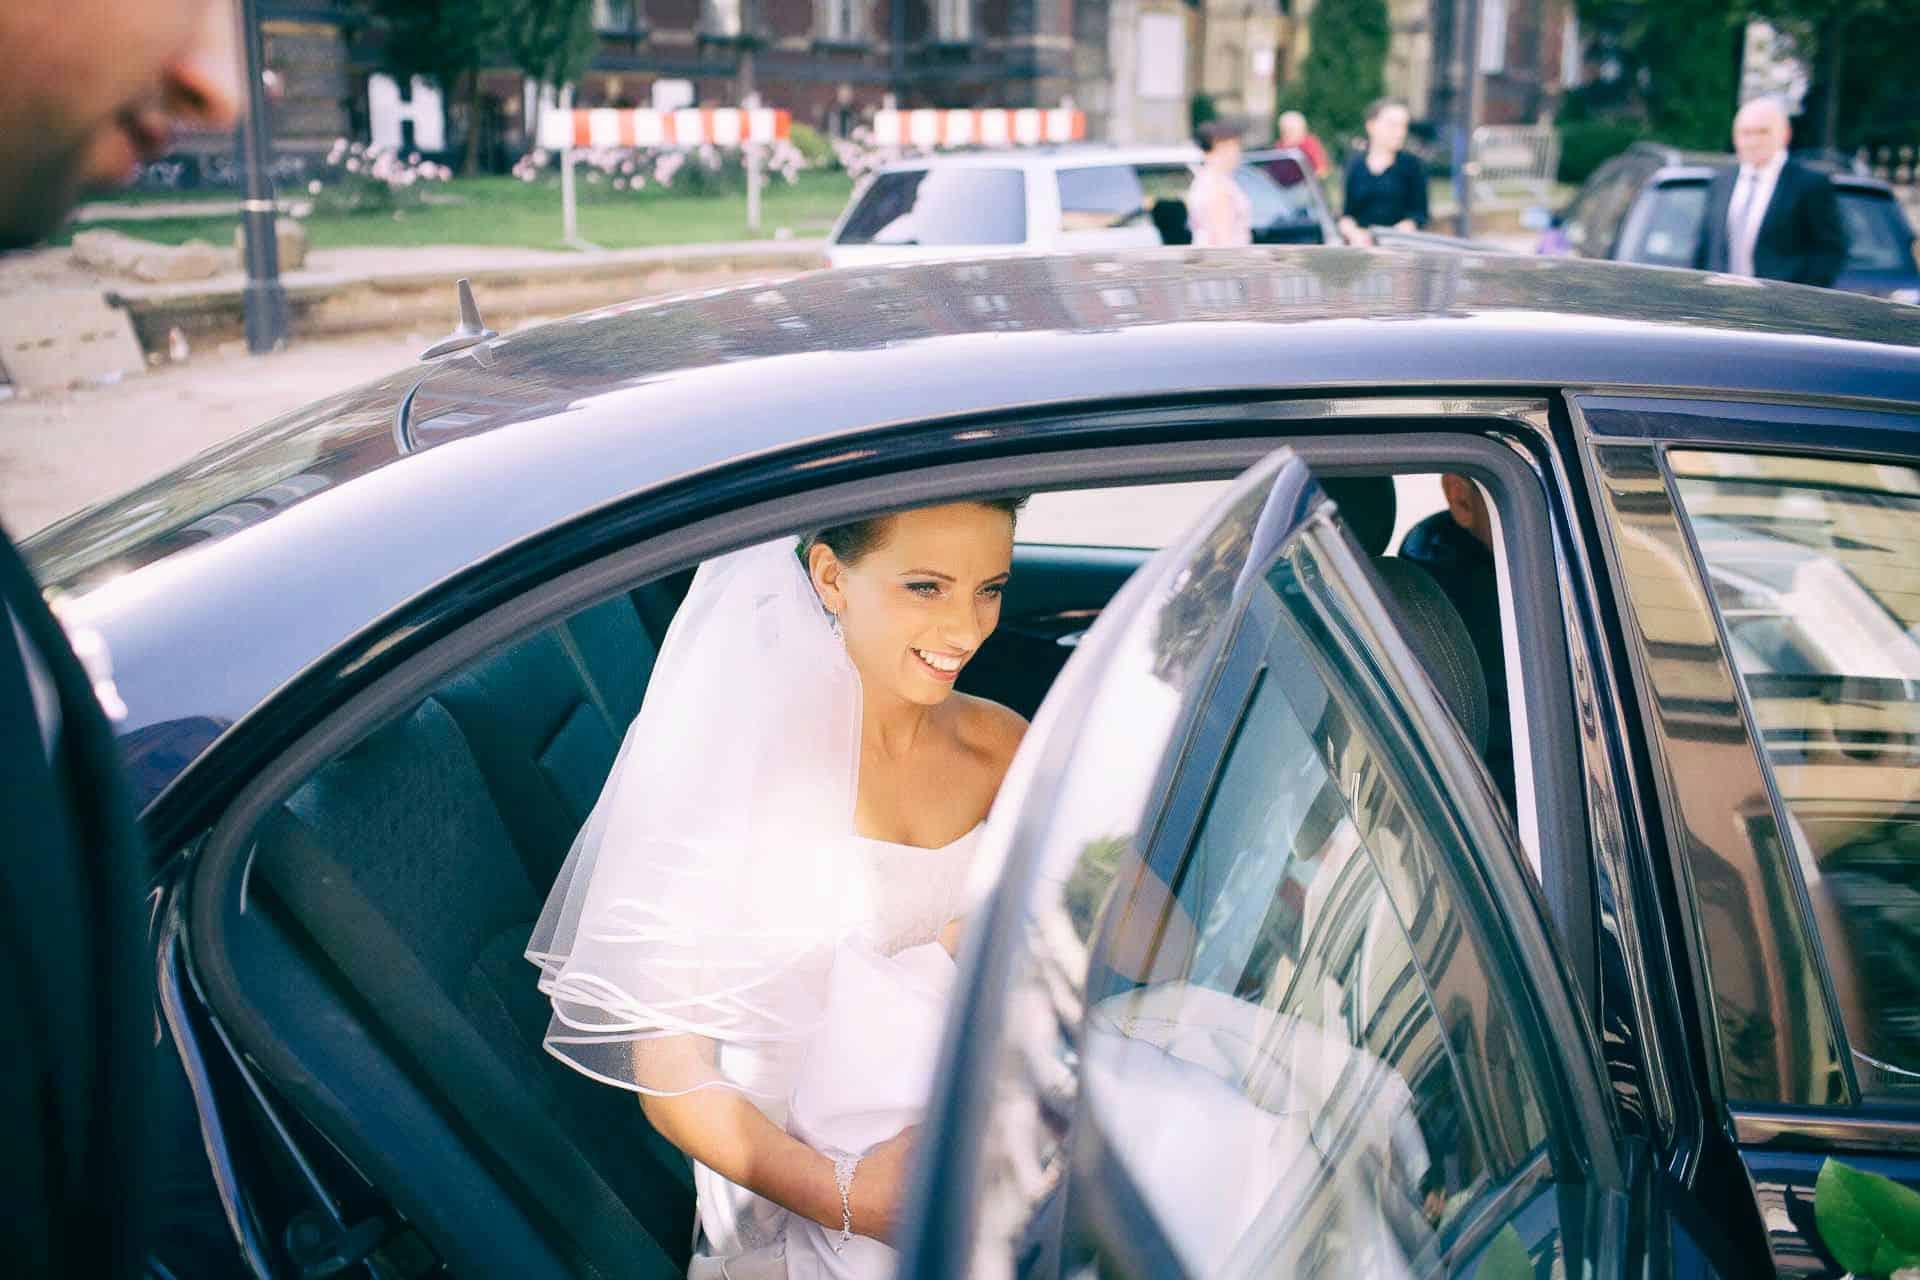 fotografia-slubna-z-ceremonii-zaslubin-kasi-i-patryka-w-bydgoszczy-001